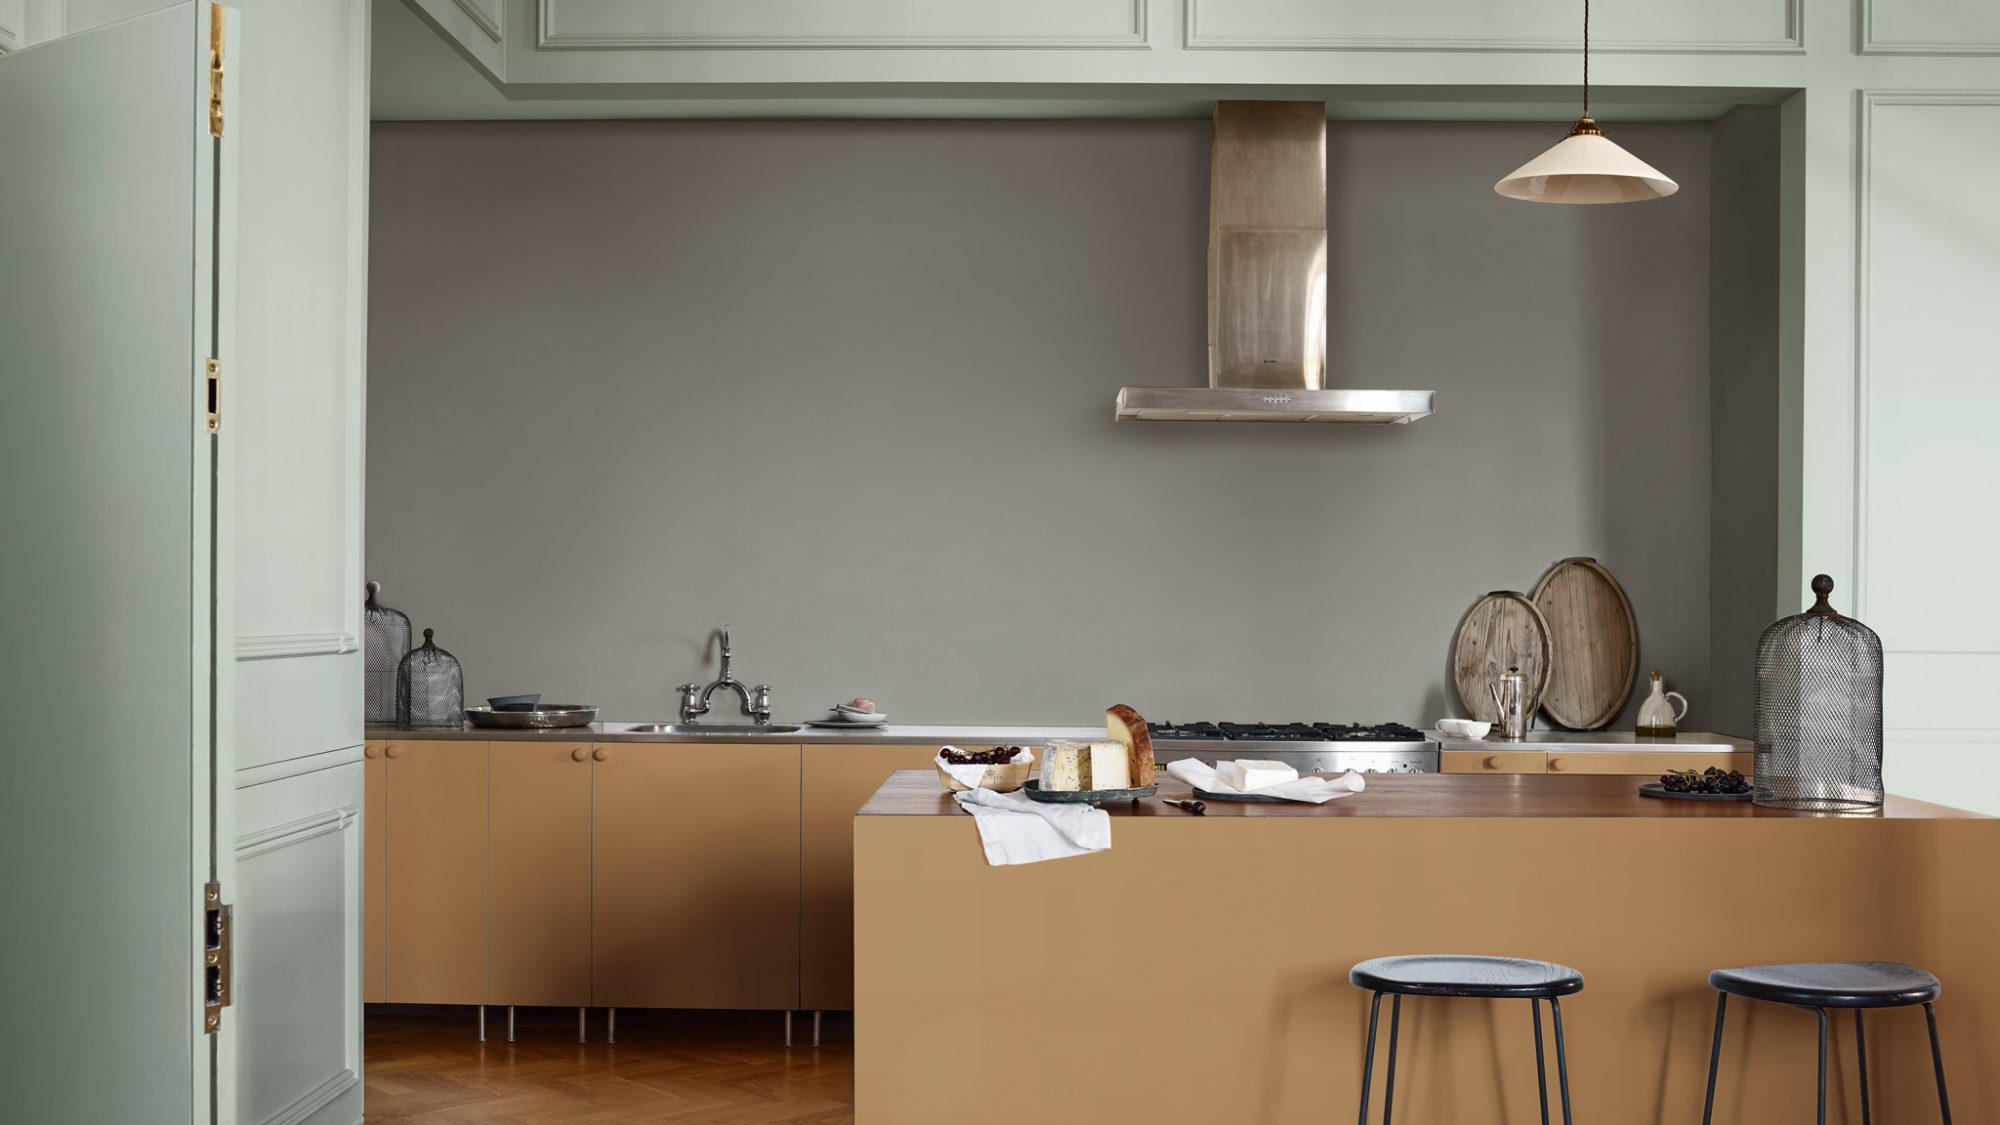 3 manieren om je keuken een nieuwe look te geven met Spiced Honey